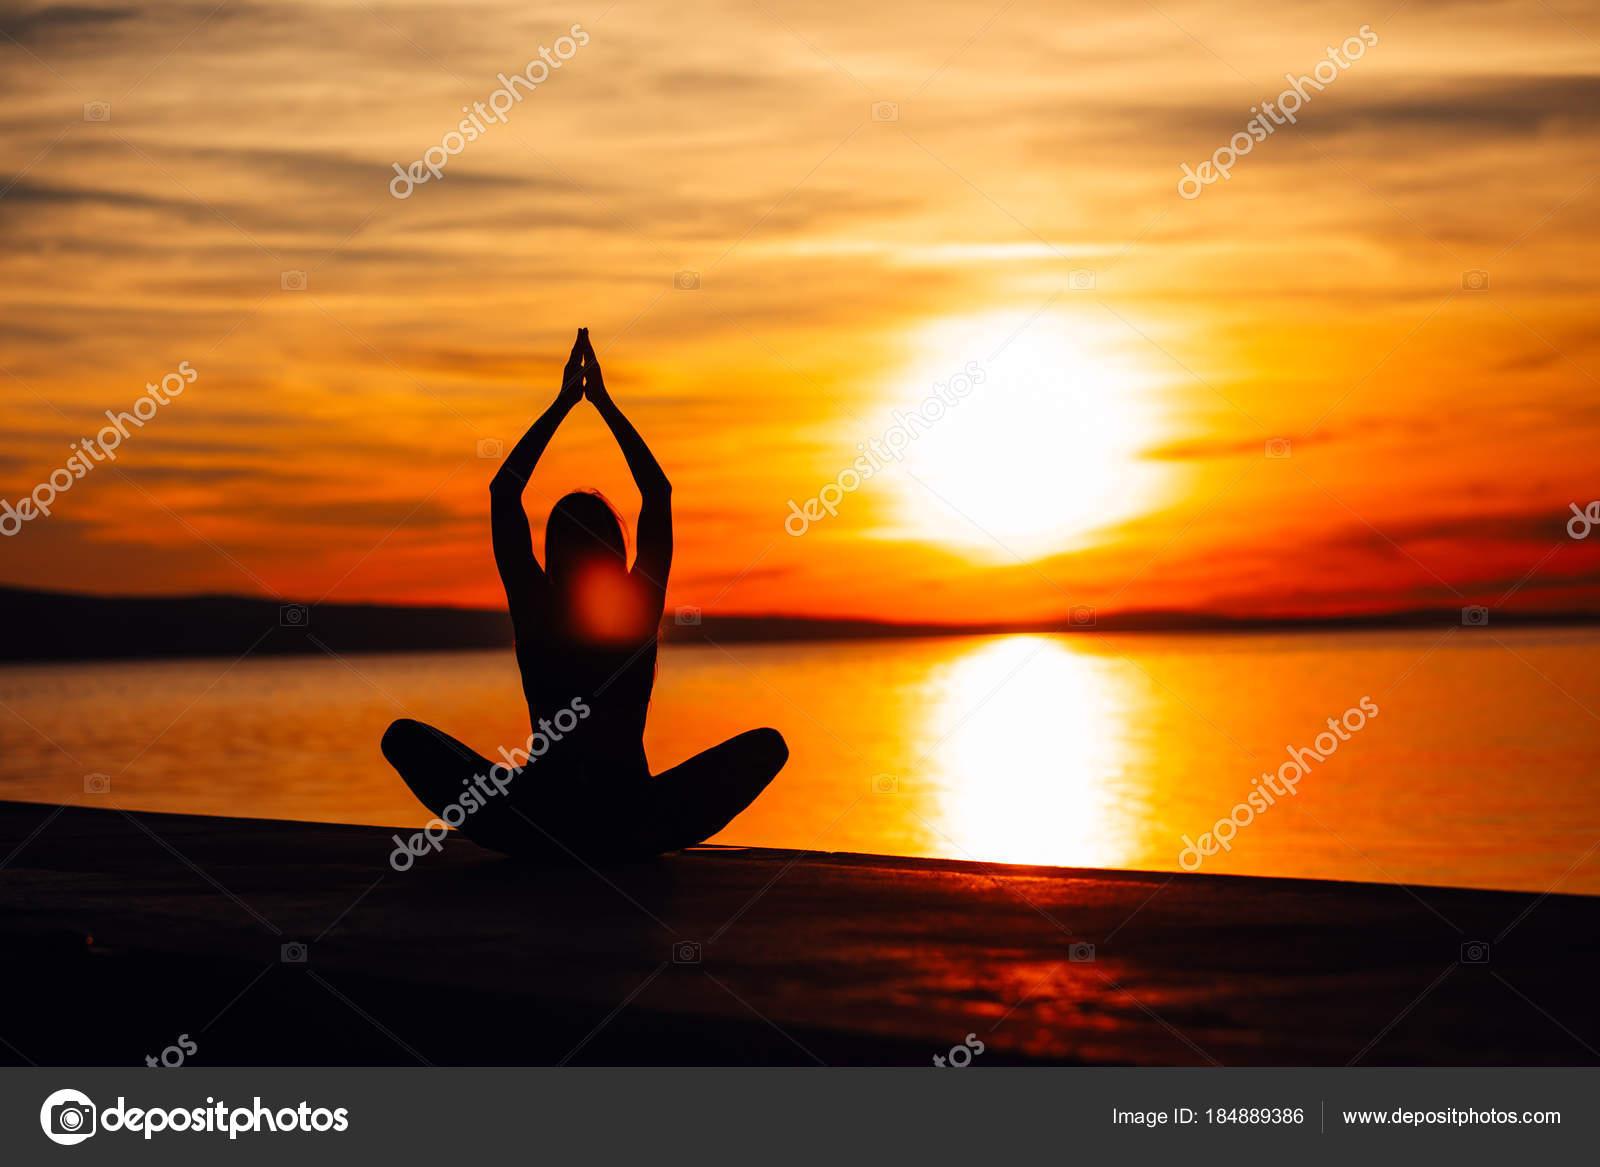 Encontrar La Paz Interior. Práctica Del Yoga. Estilo De Vida De Curación  Espiritual. Disfrutar De Paz, Terapia Anti Stress, Meditación De Atención  Plena.